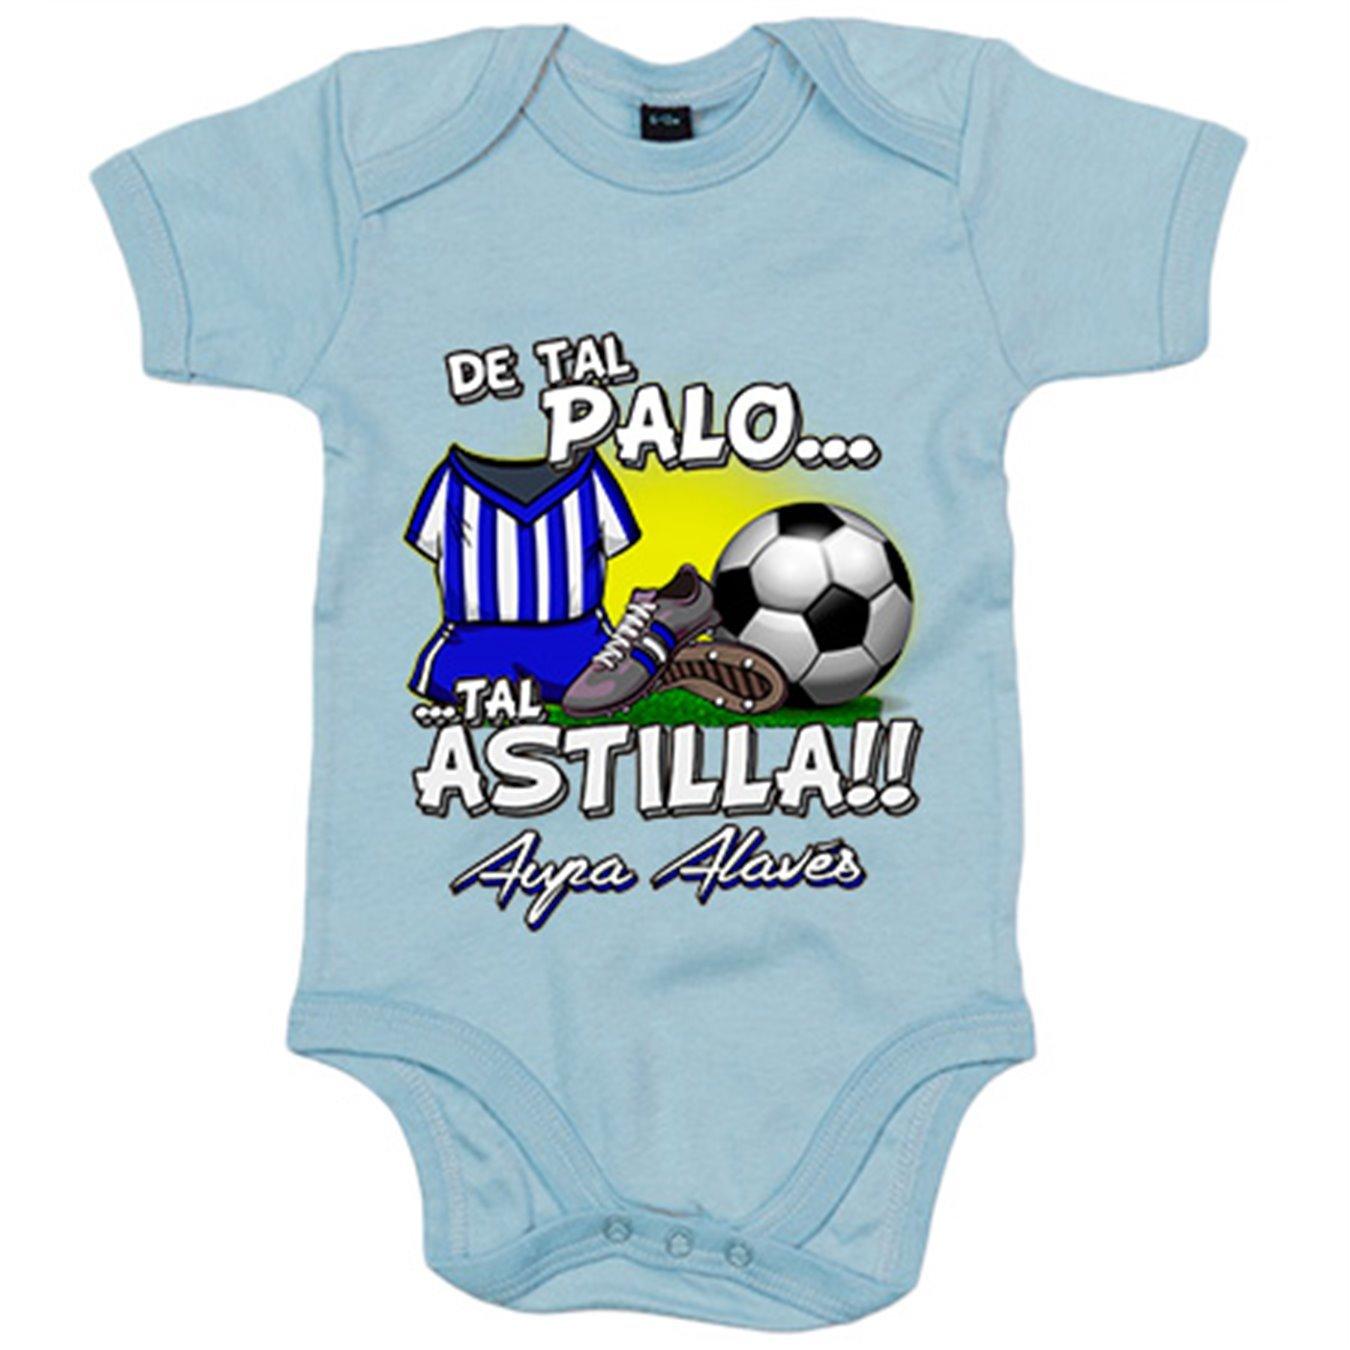 Body bebé De tal palo tal astilla Alaves fútbol - Azul Royal, 6-12 meses: Amazon.es: Bebé